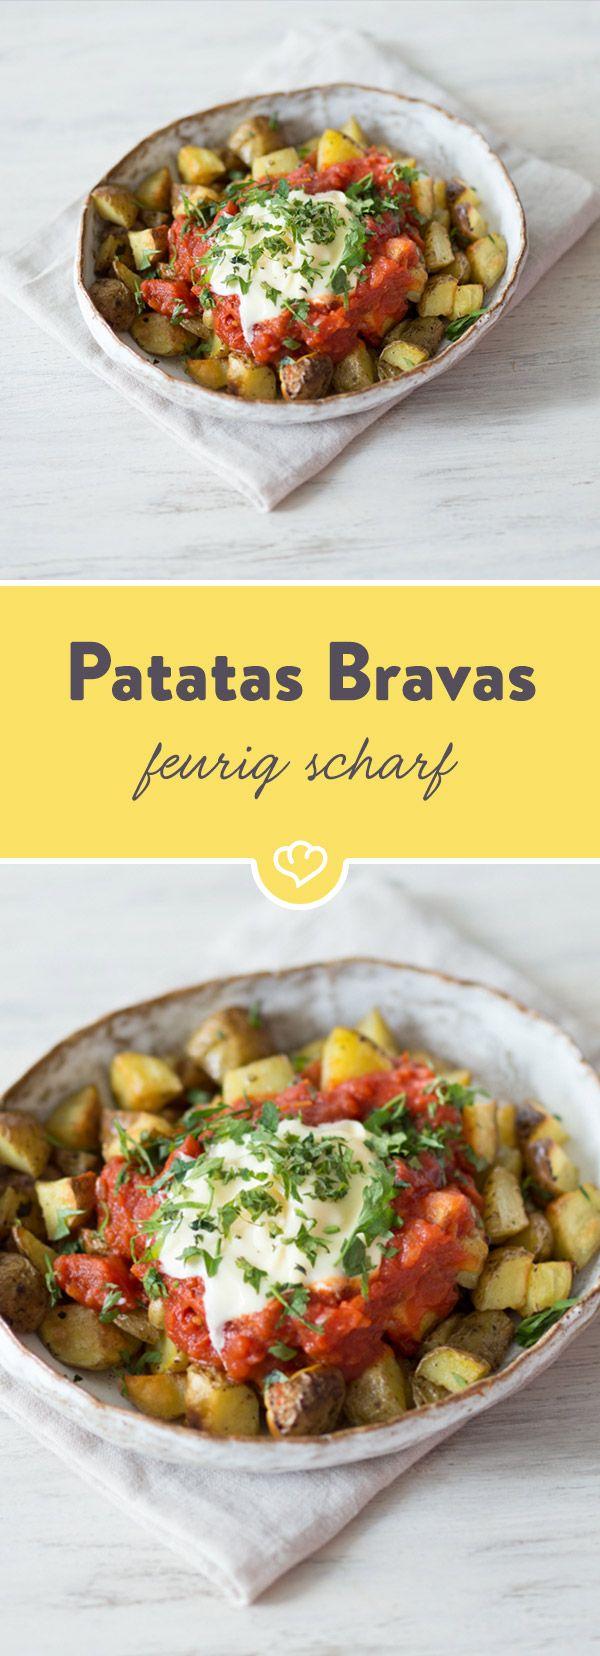 """""""Mutige Kartoffeln""""- so nennt sich der spanische Klassiker mit würzige Kartoffelstücken und würziger Sauce. Unglaublich lecker - auch für Angsthasen."""